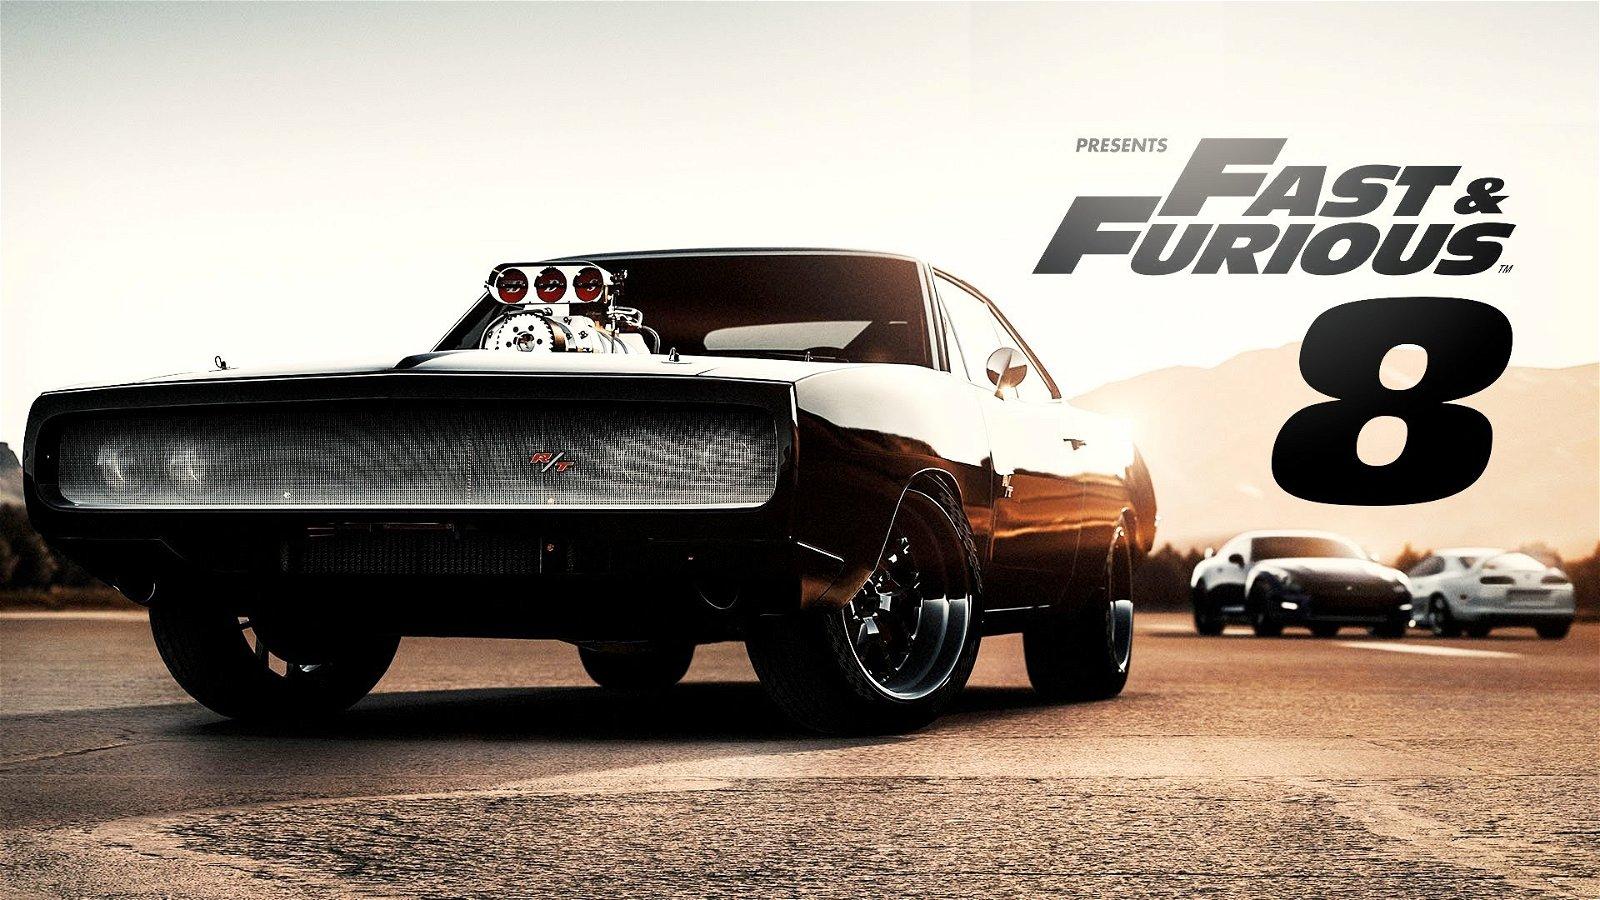 Fast & Furious 8 desvela su título oficial y muestra su primer teaser